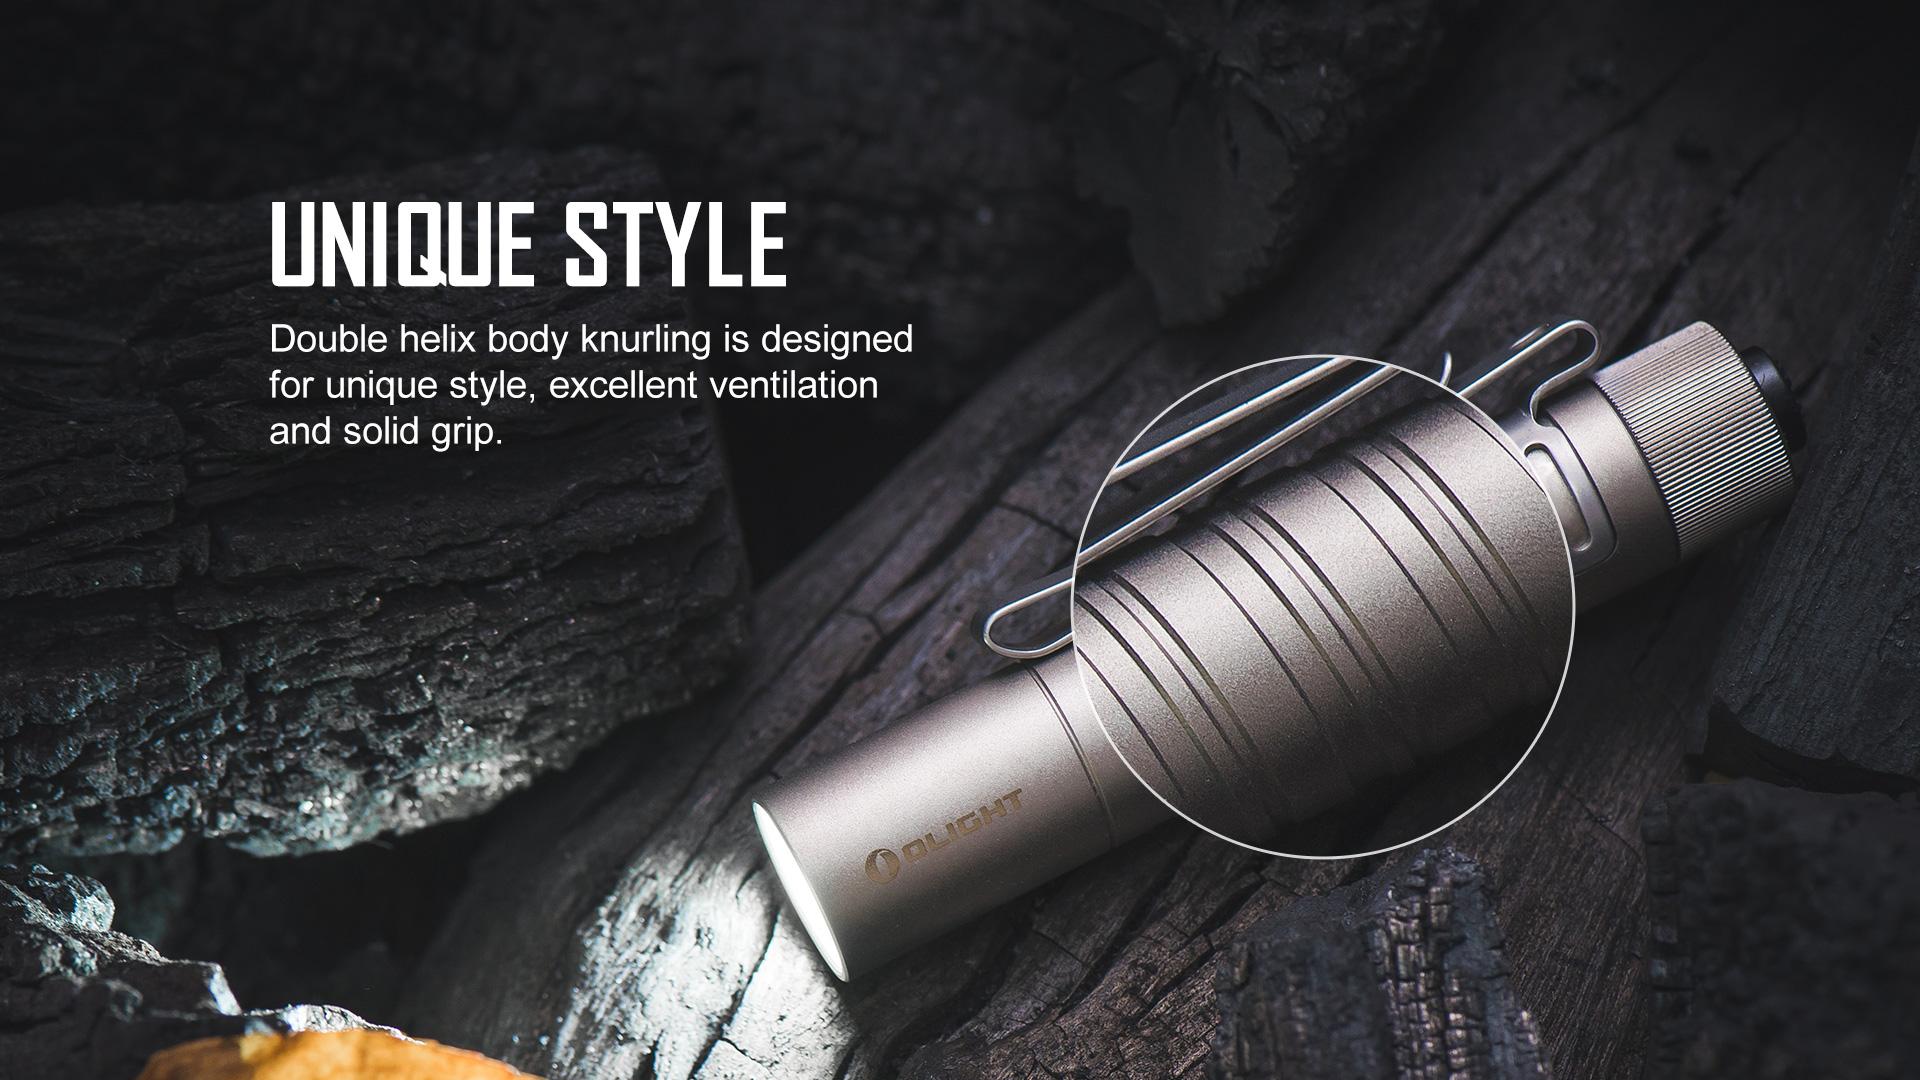 Unique style of pocket LED flashlight